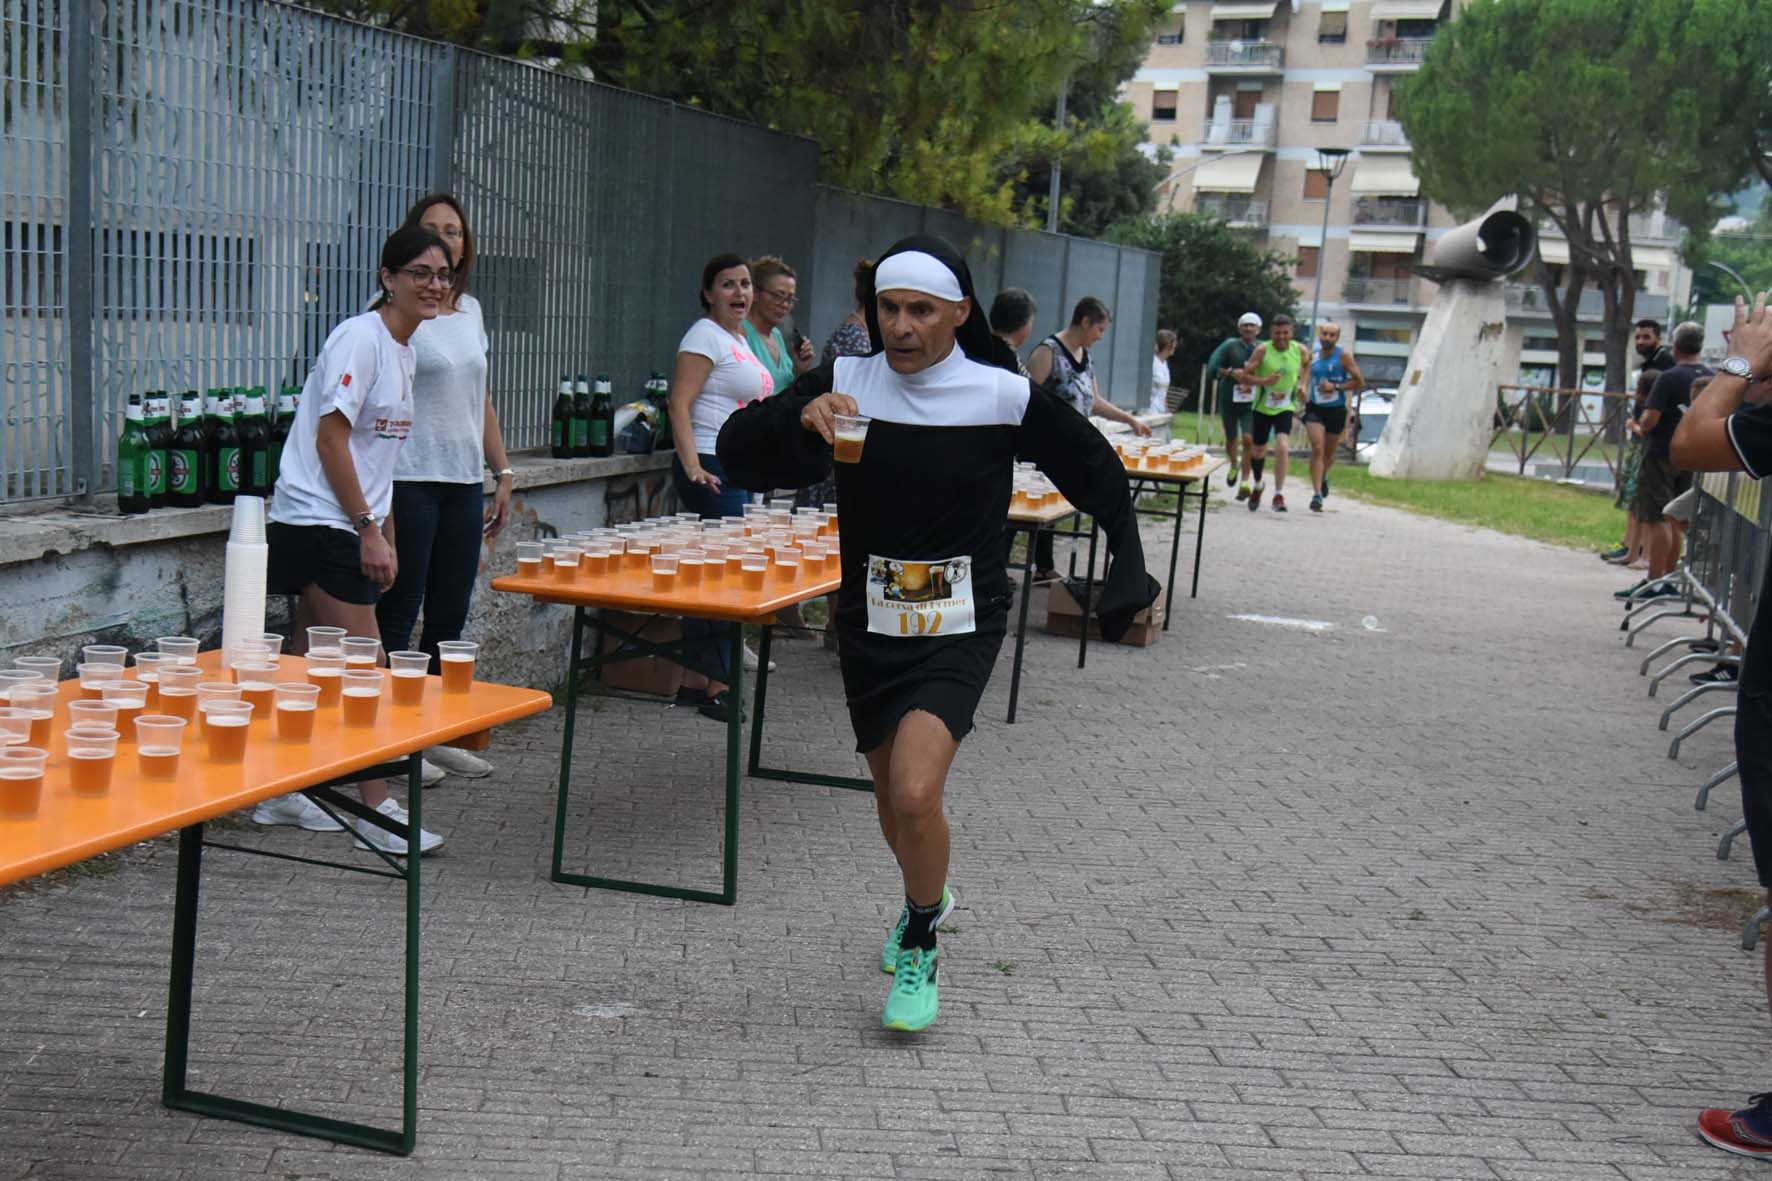 maraton con birra 3